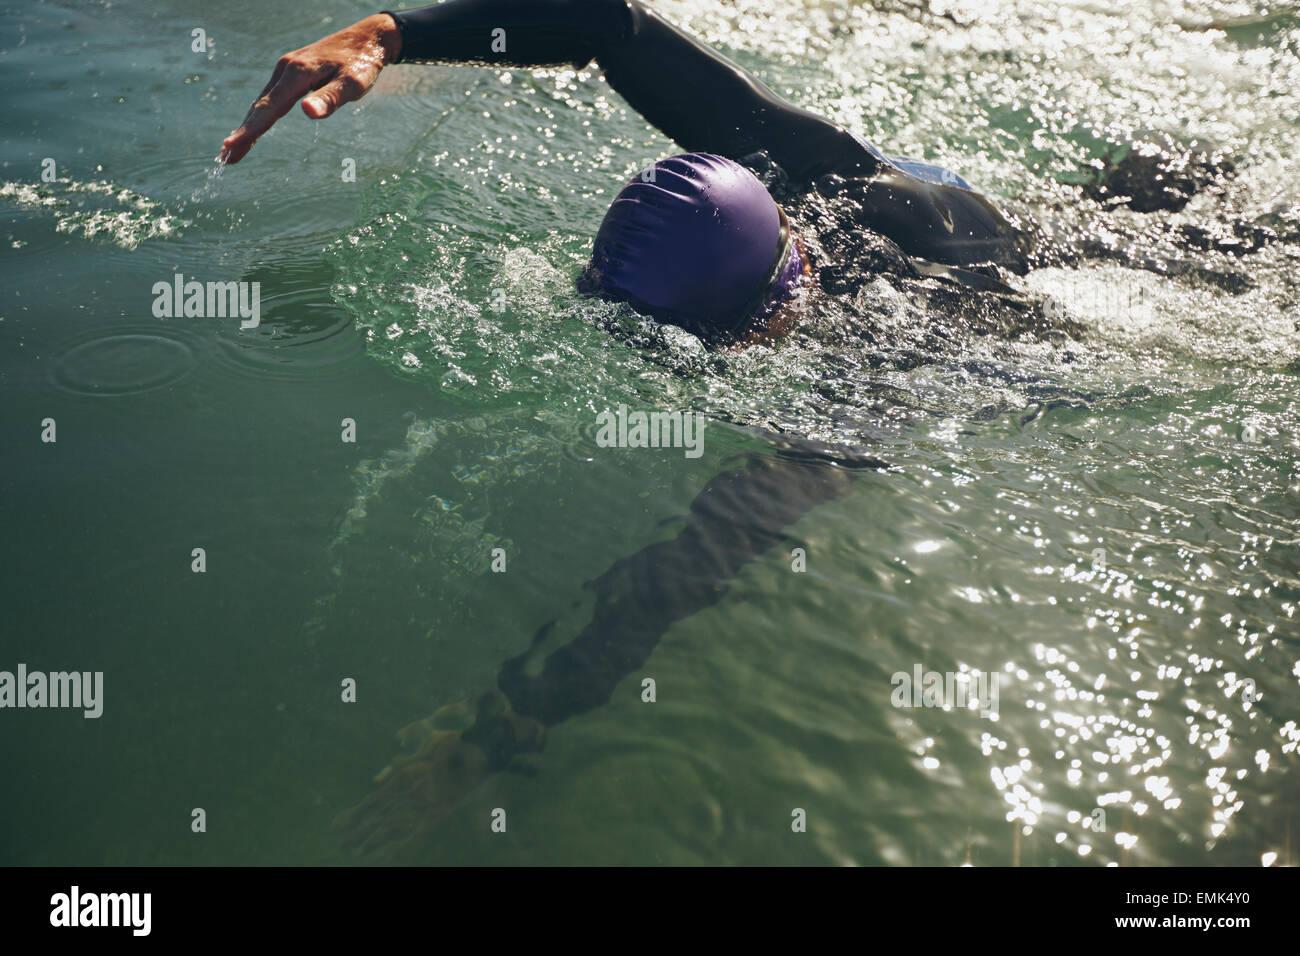 Nuotatore nuoto in acque aperte. Atleta della pratica per la concorrenza. Foto Stock